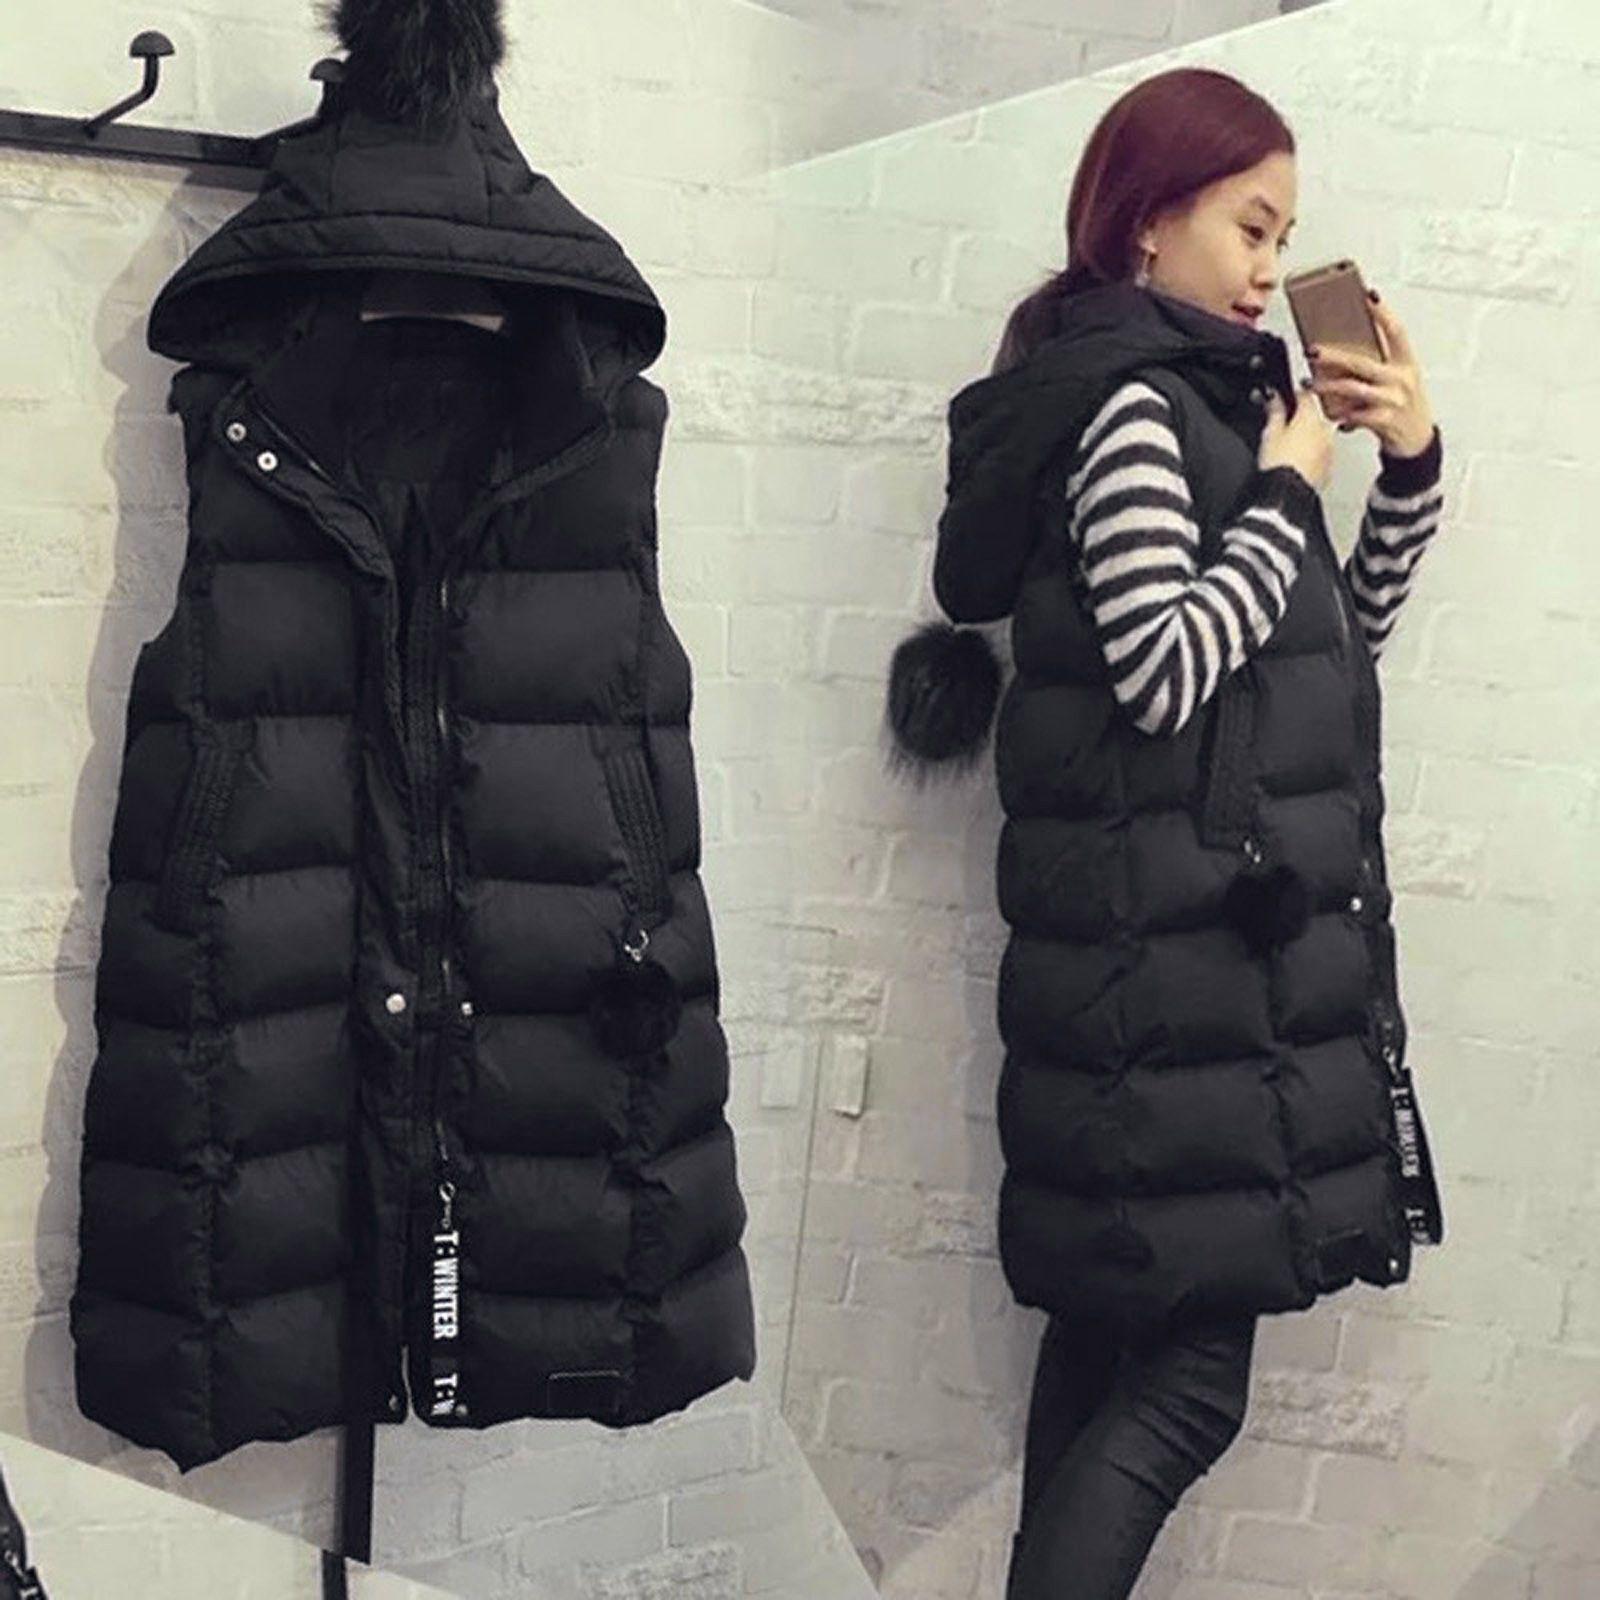 Moda Sonbahar Kış Kadın Yelek 2020 Kadın Kolsuz Ceket Kapşonlu Sıcak Uzun Yelek Ceket Colete Feminino